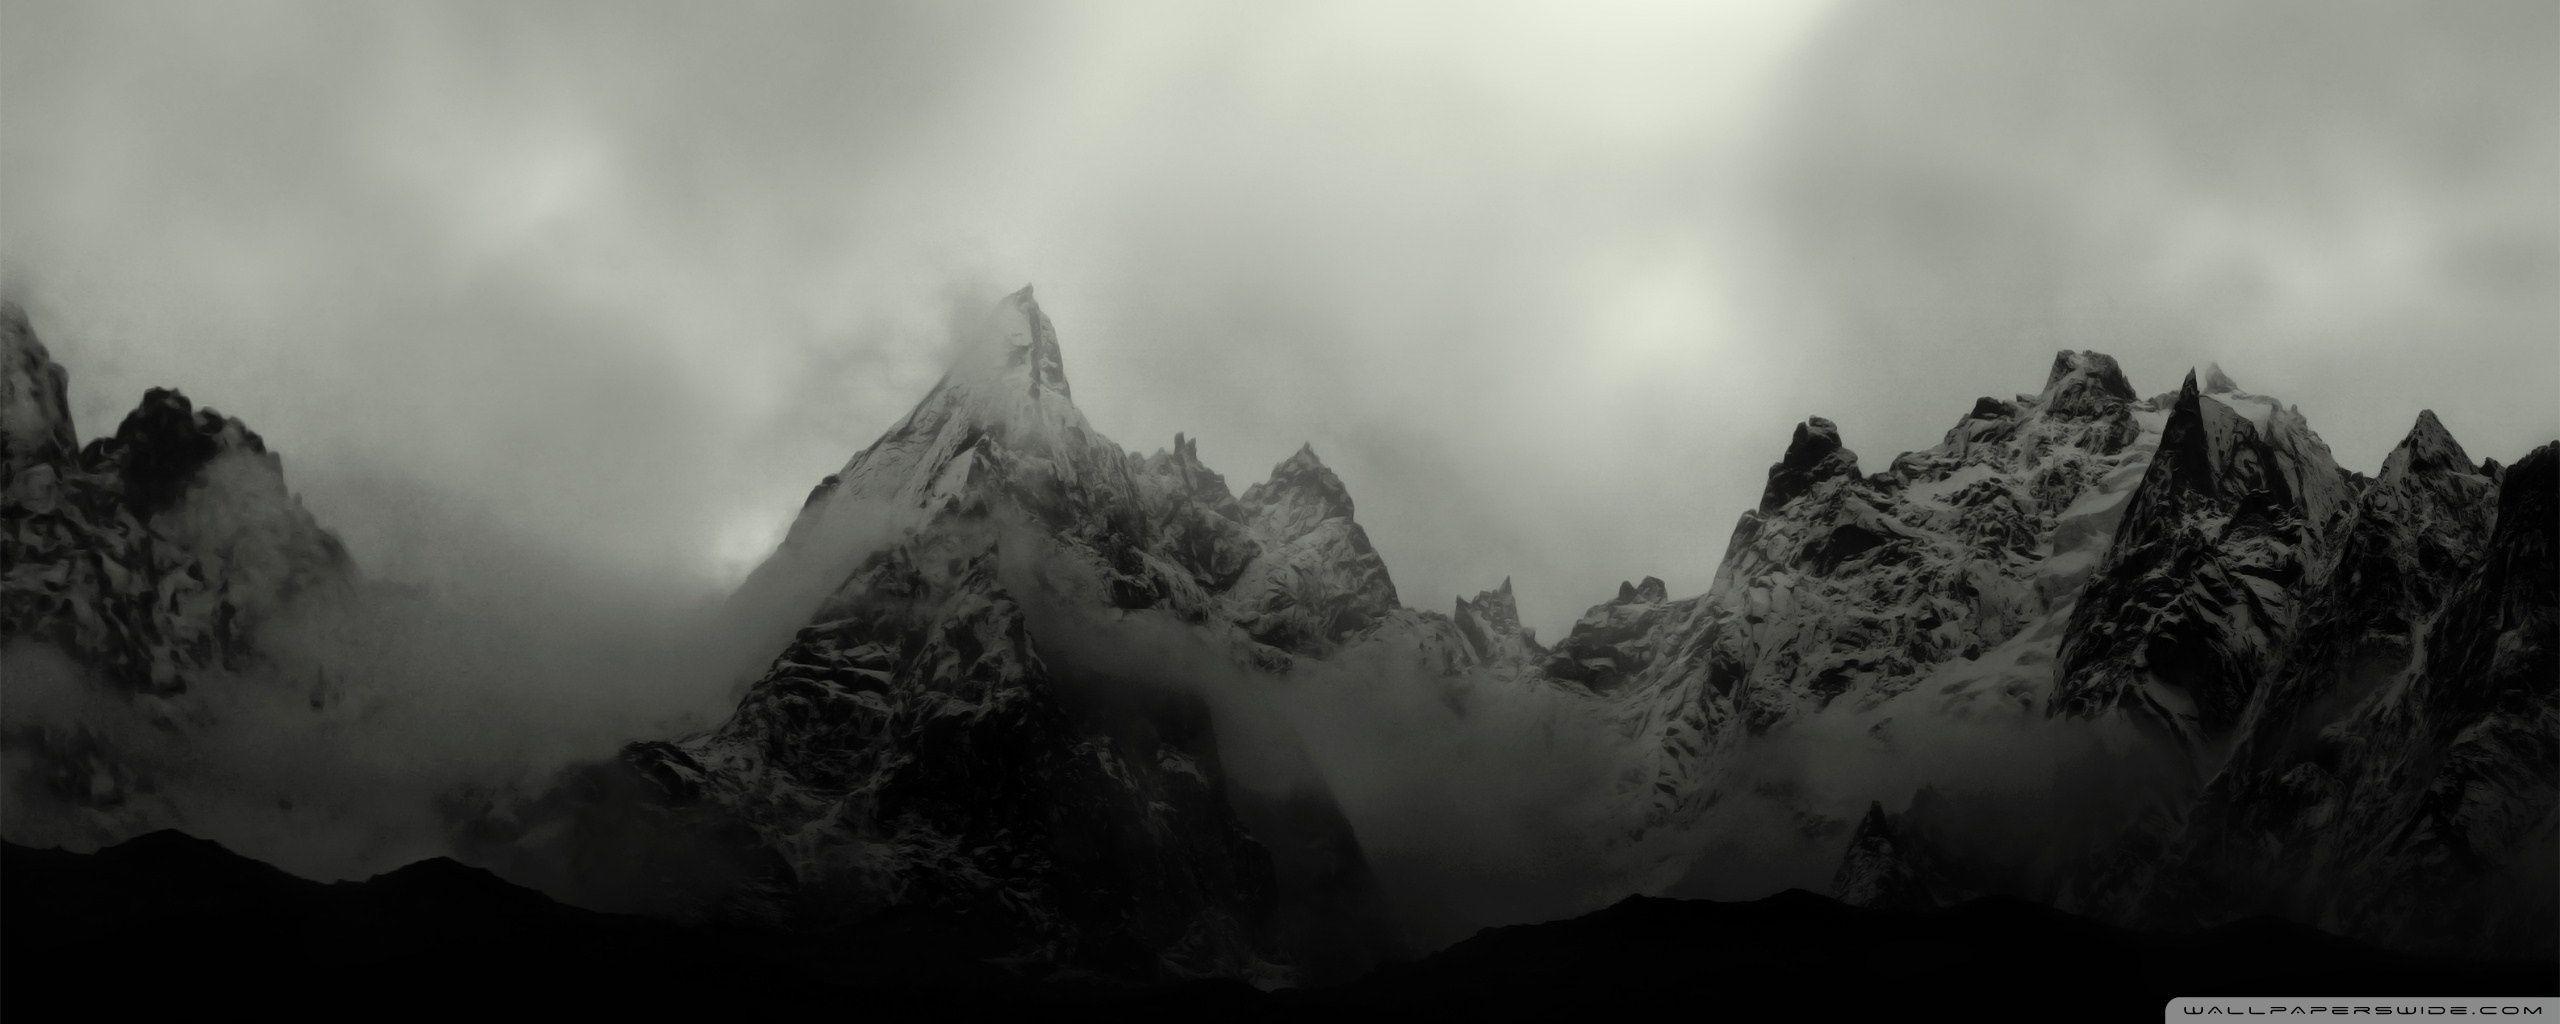 Misty Deer 4k Hd Desktop Wallpaper For 4k Ultra Hd Tv: Misty Mountains Wallpapers